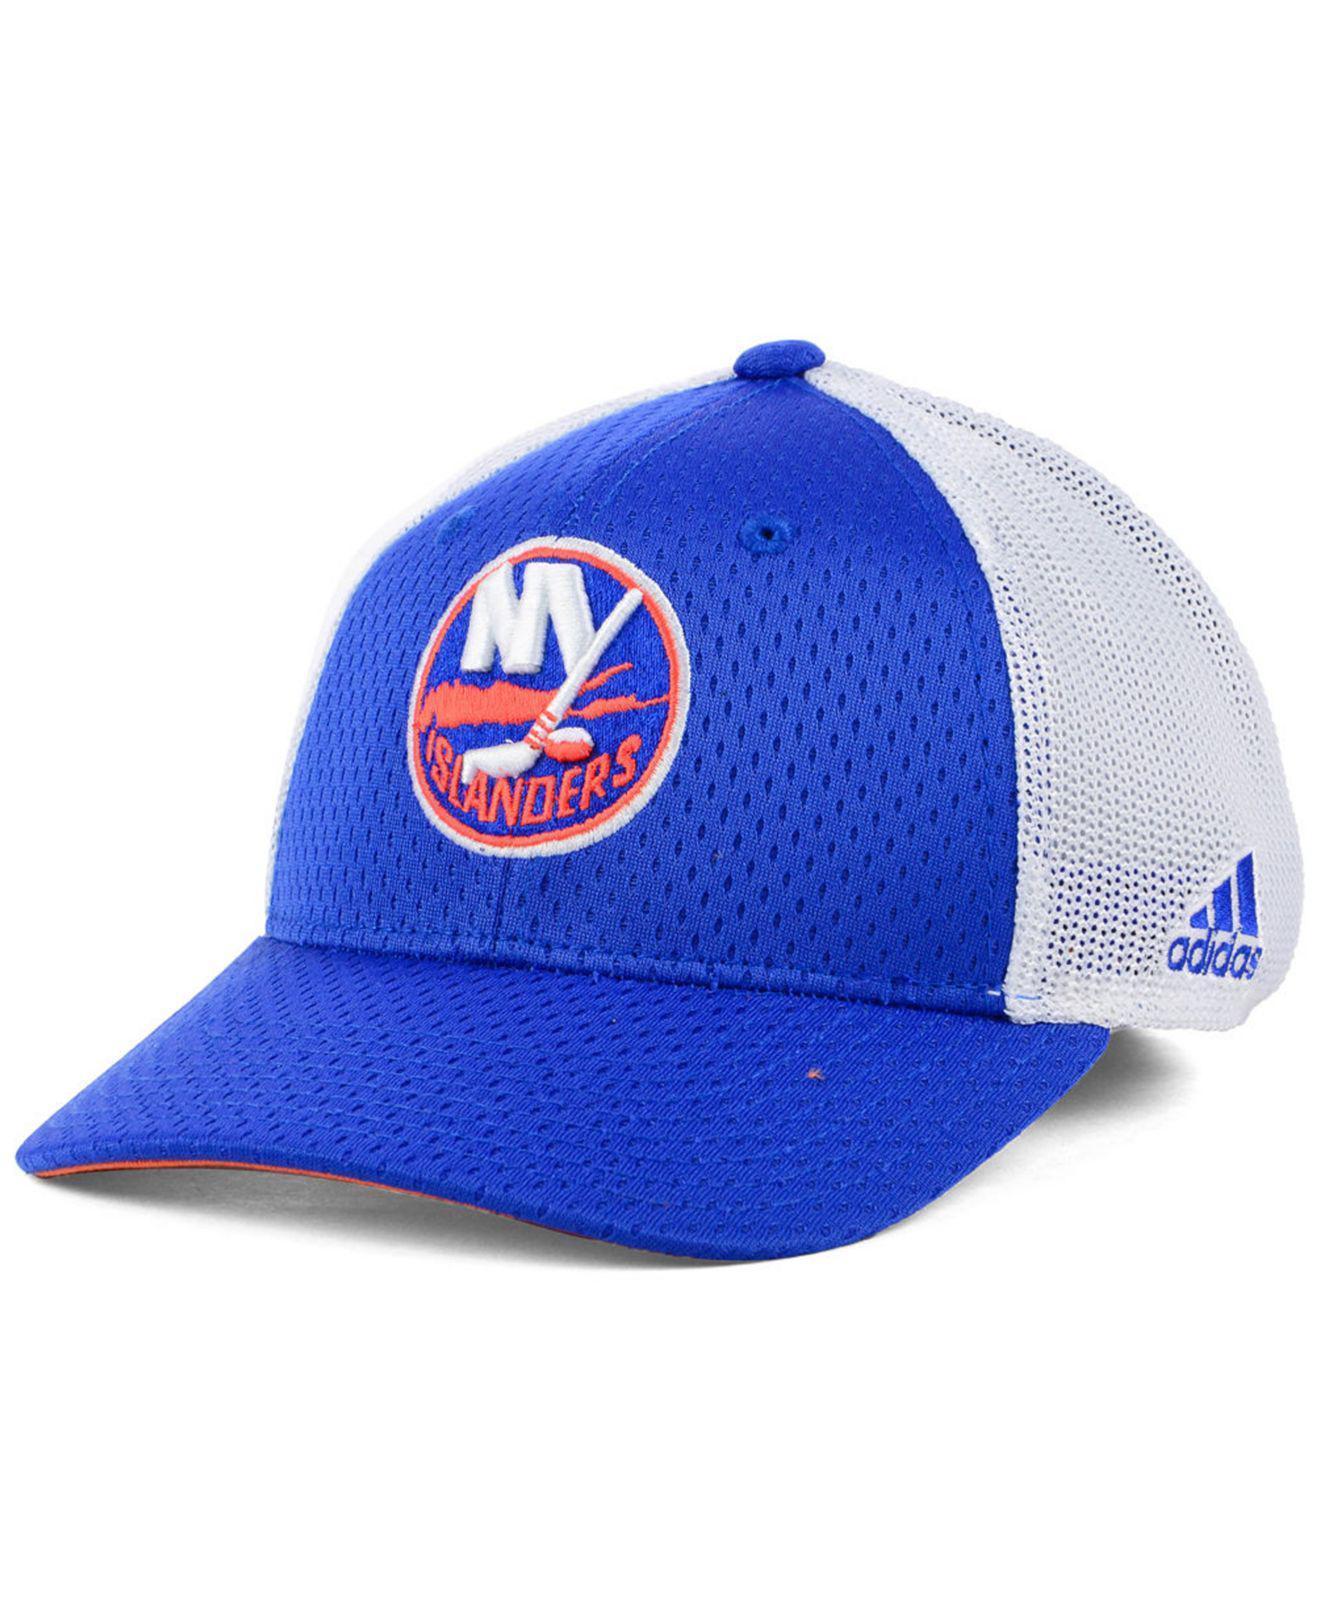 brand new d1137 763be ... sweden adidas white new york islanders nhl mesh flex cap for men lyst.  view fullscreen